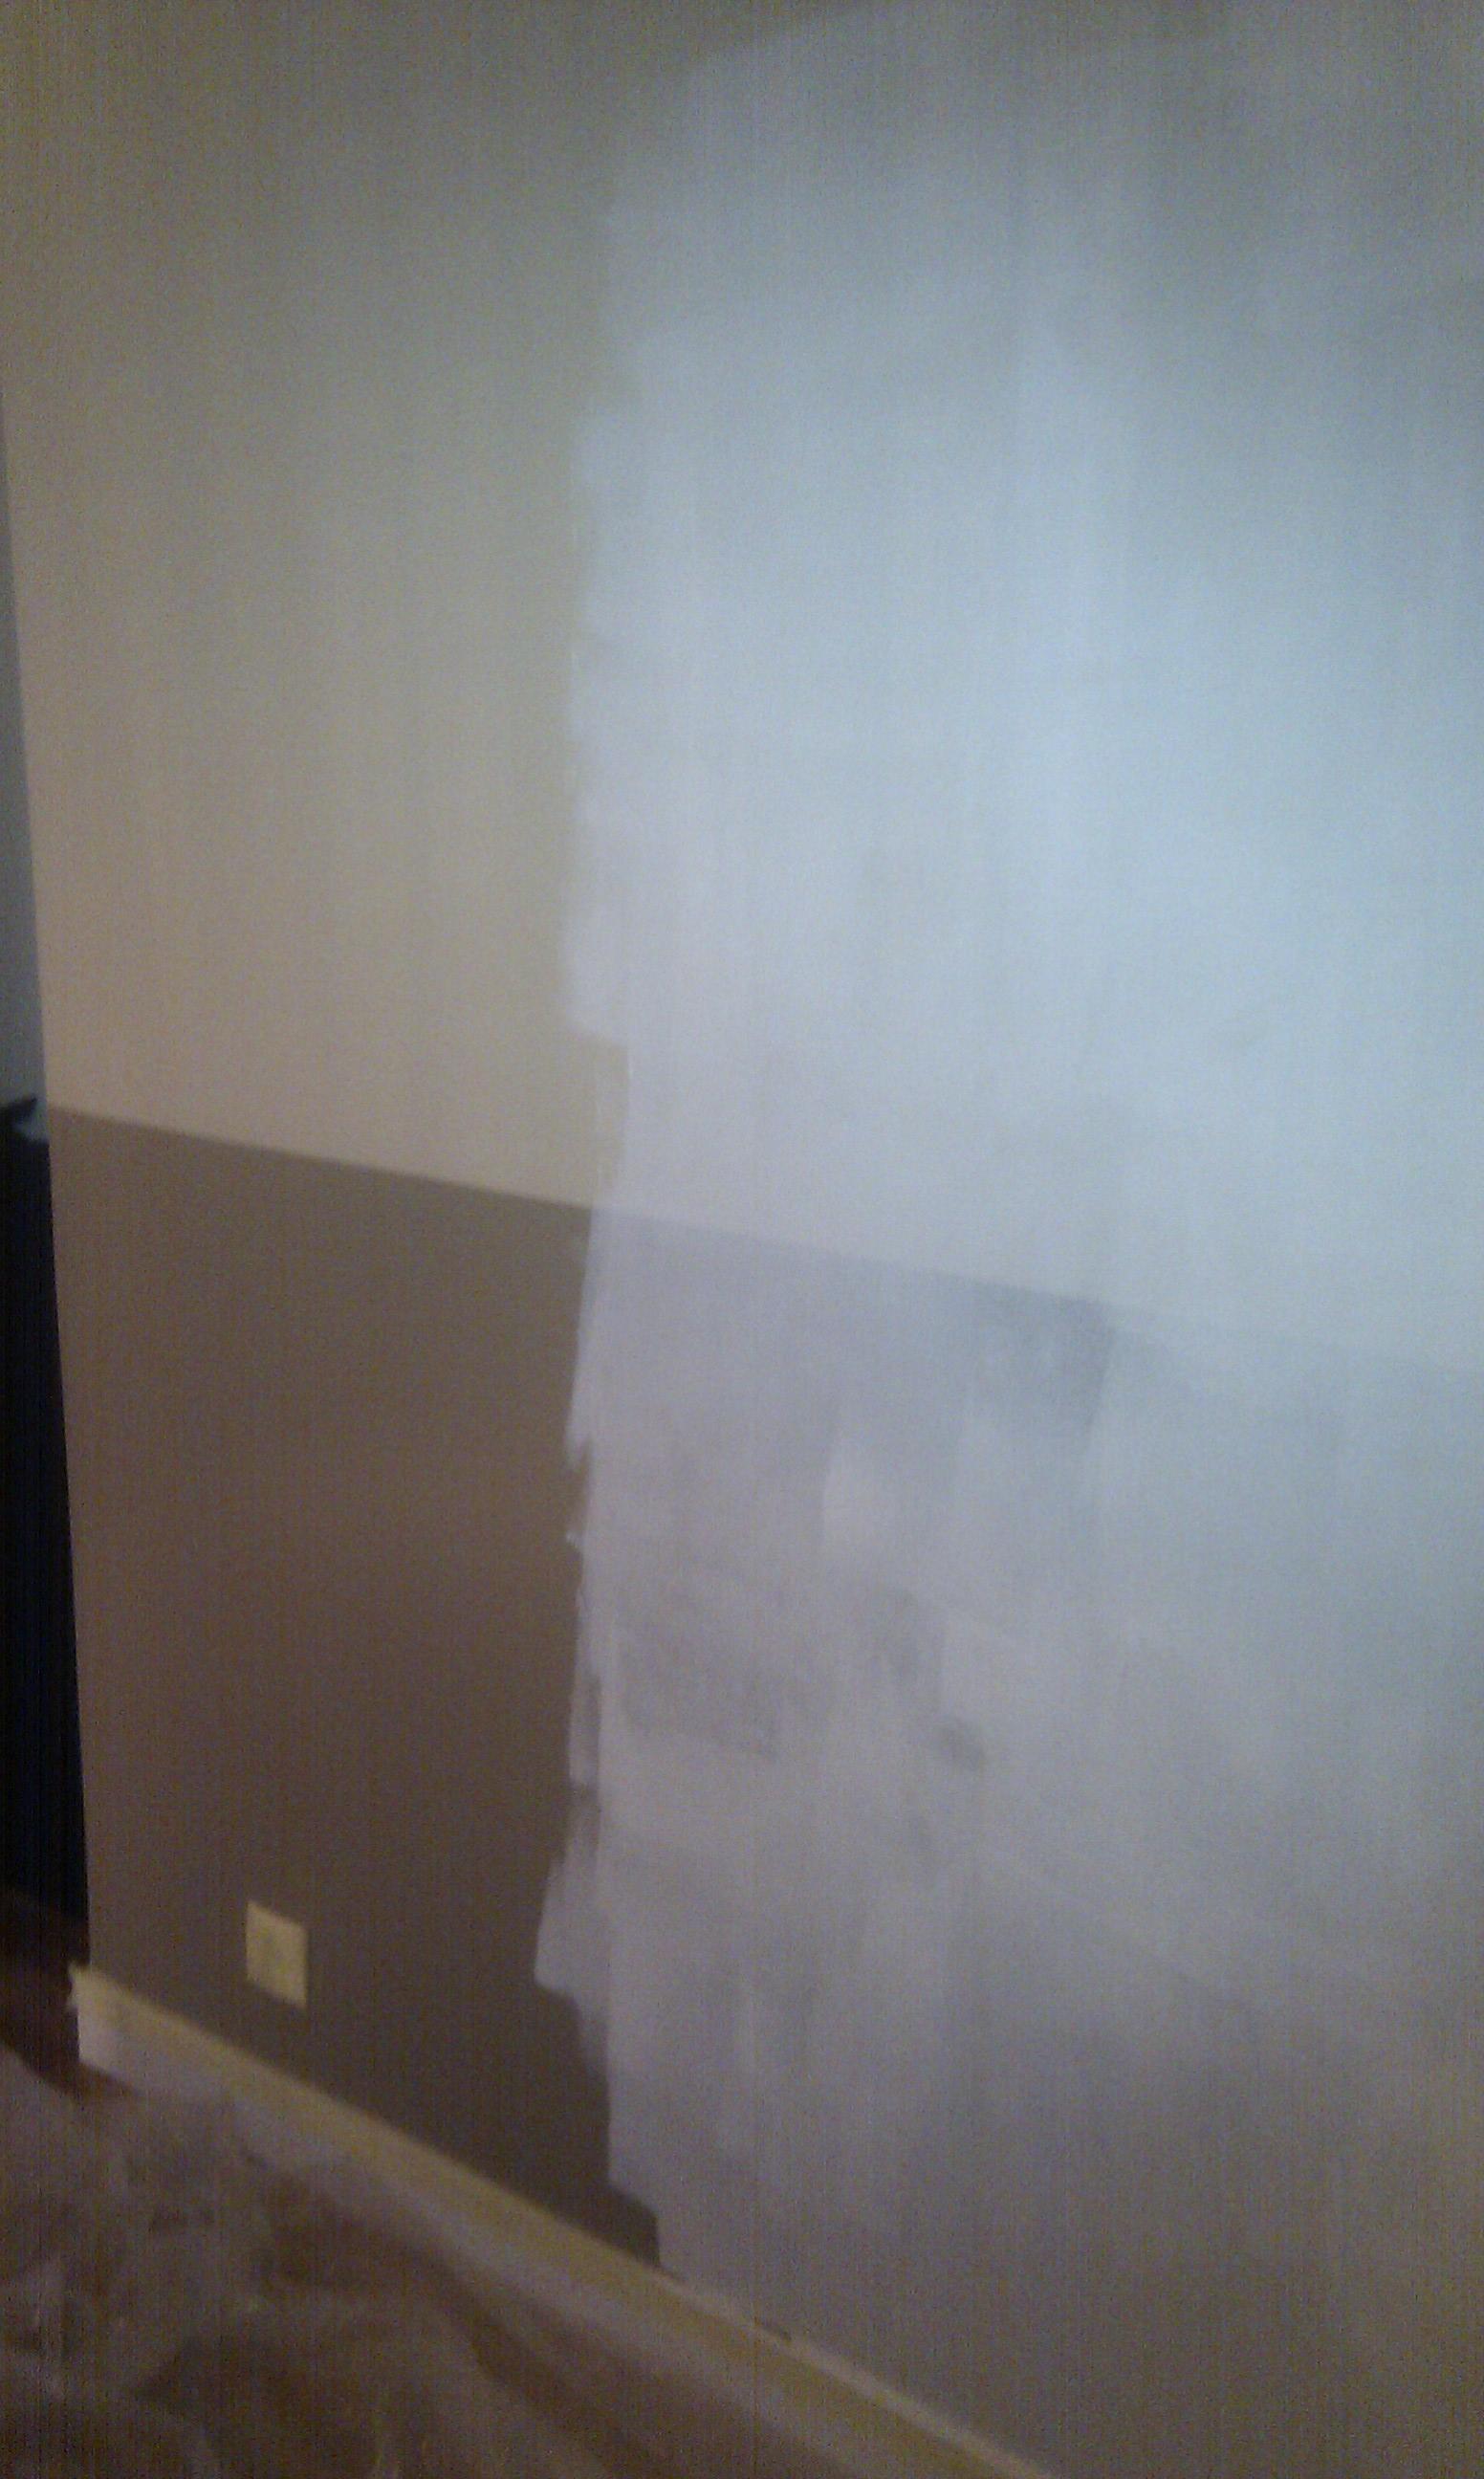 Le Mur Bleu Vert Suite Et Fin A Blog Pourpoint